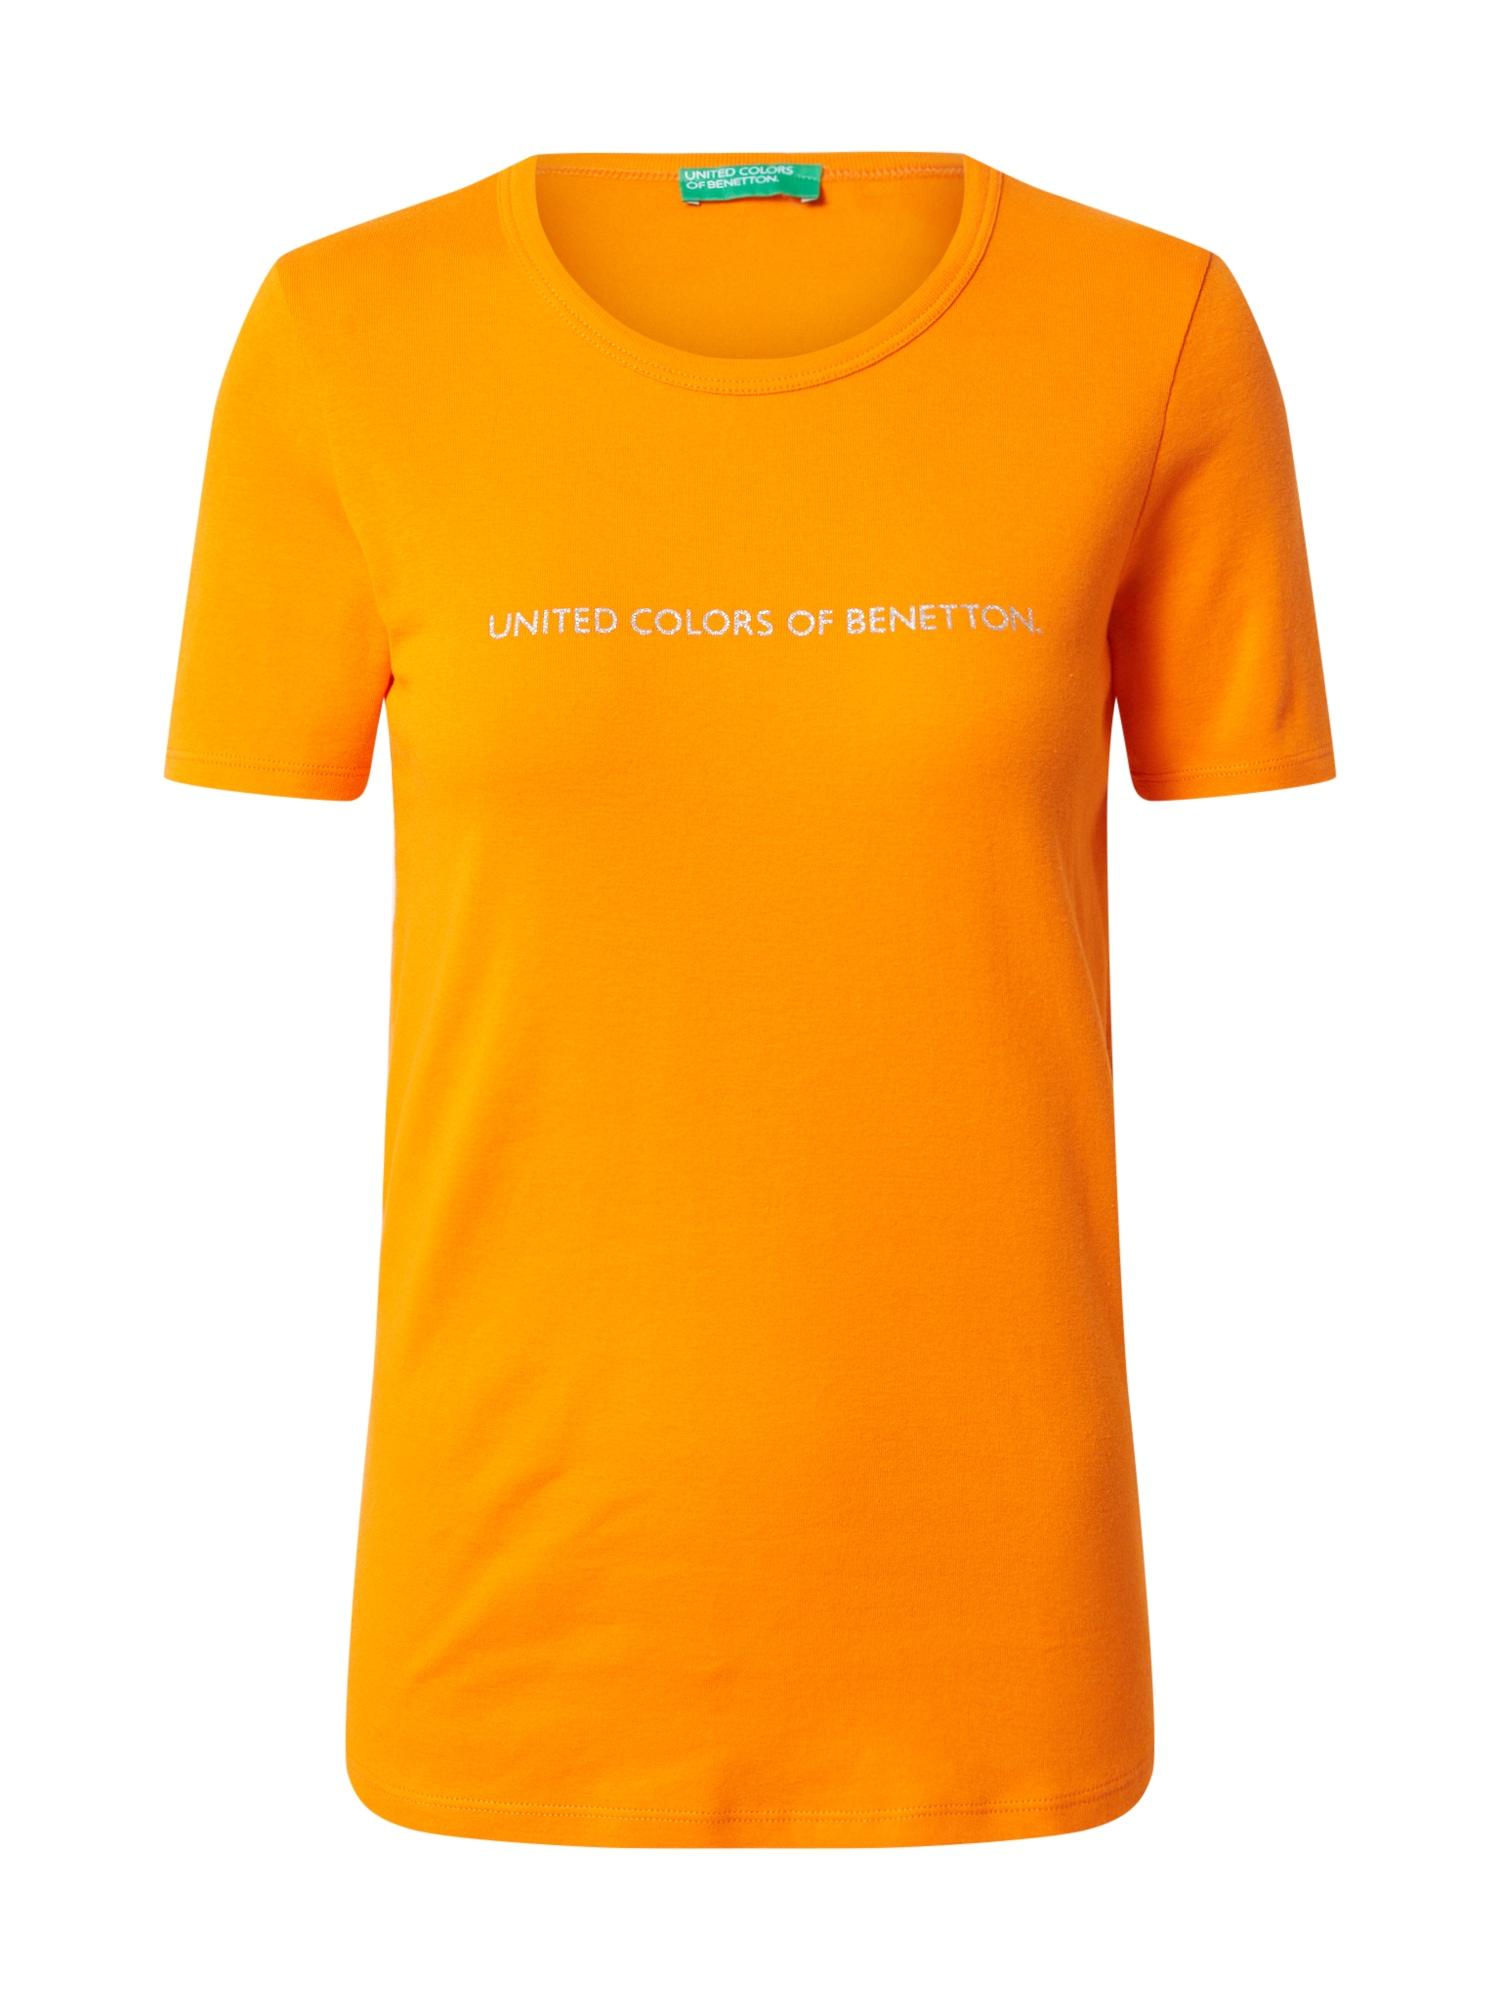 UNITED COLORS OF BENETTON Tričko  oranžová